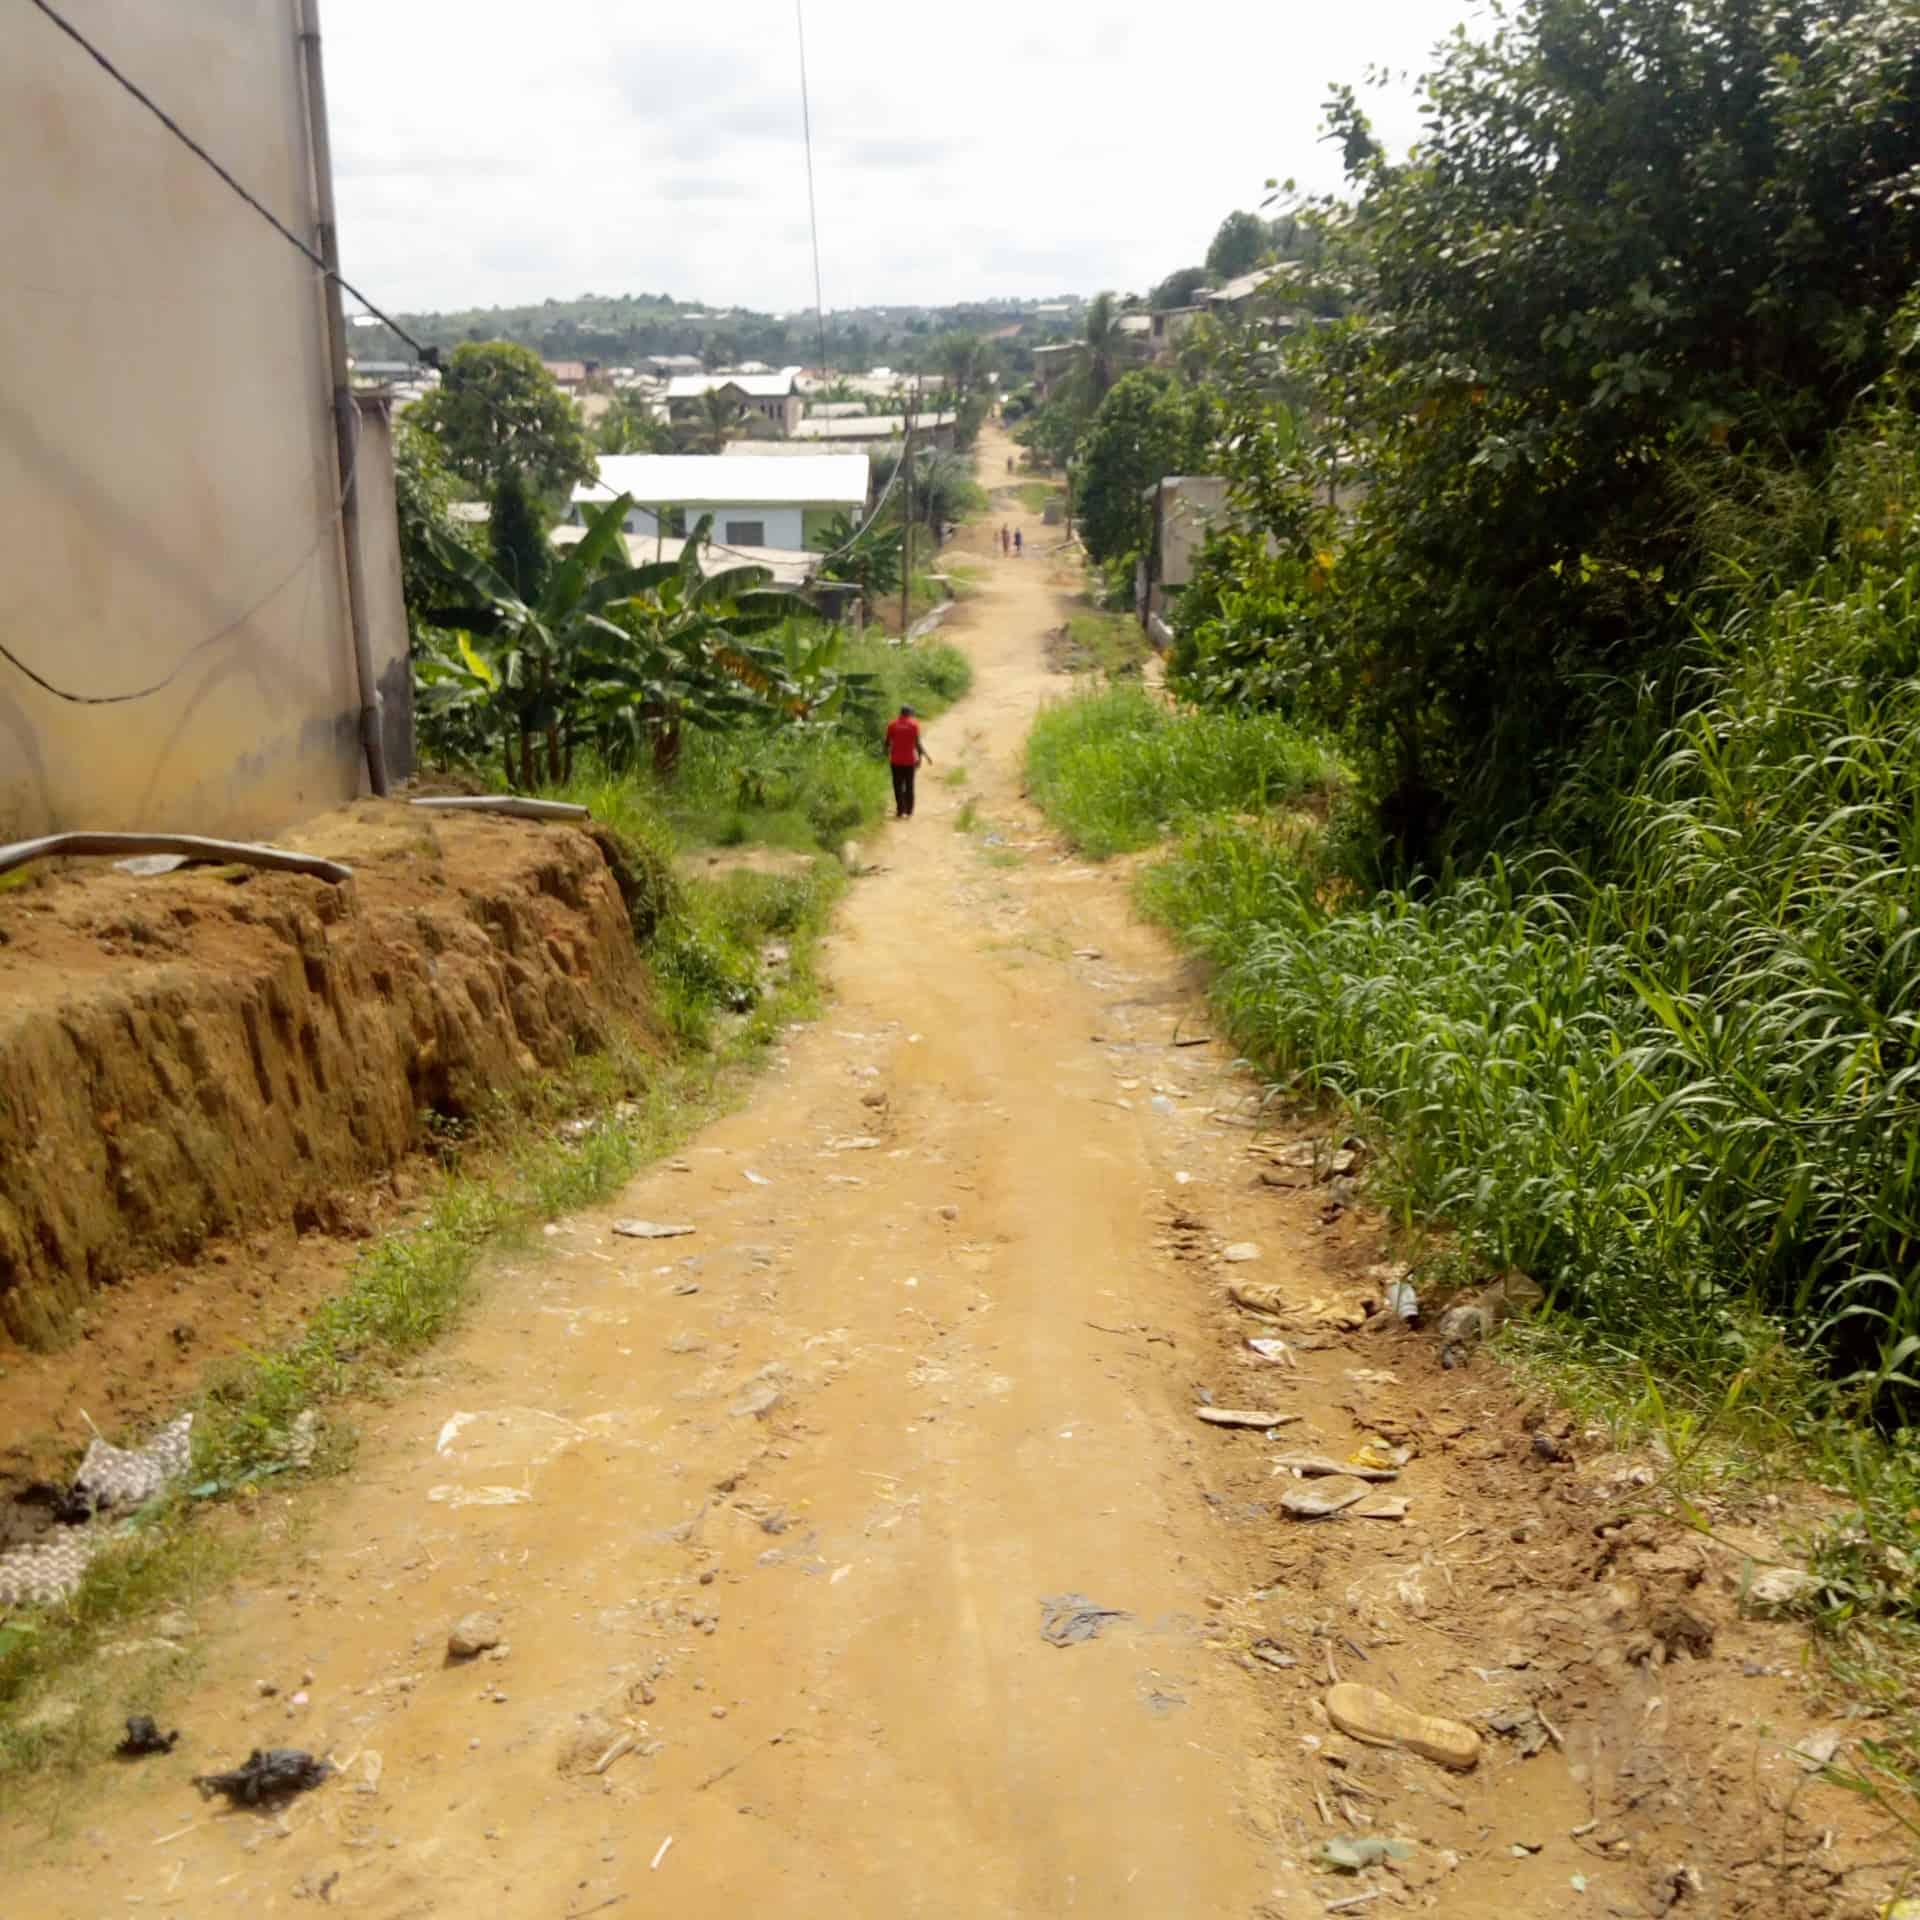 Land for sale at Douala, Bangue, Bangue bonamoussadi toiture rouge - 480 m2 - 15 000 000 FCFA